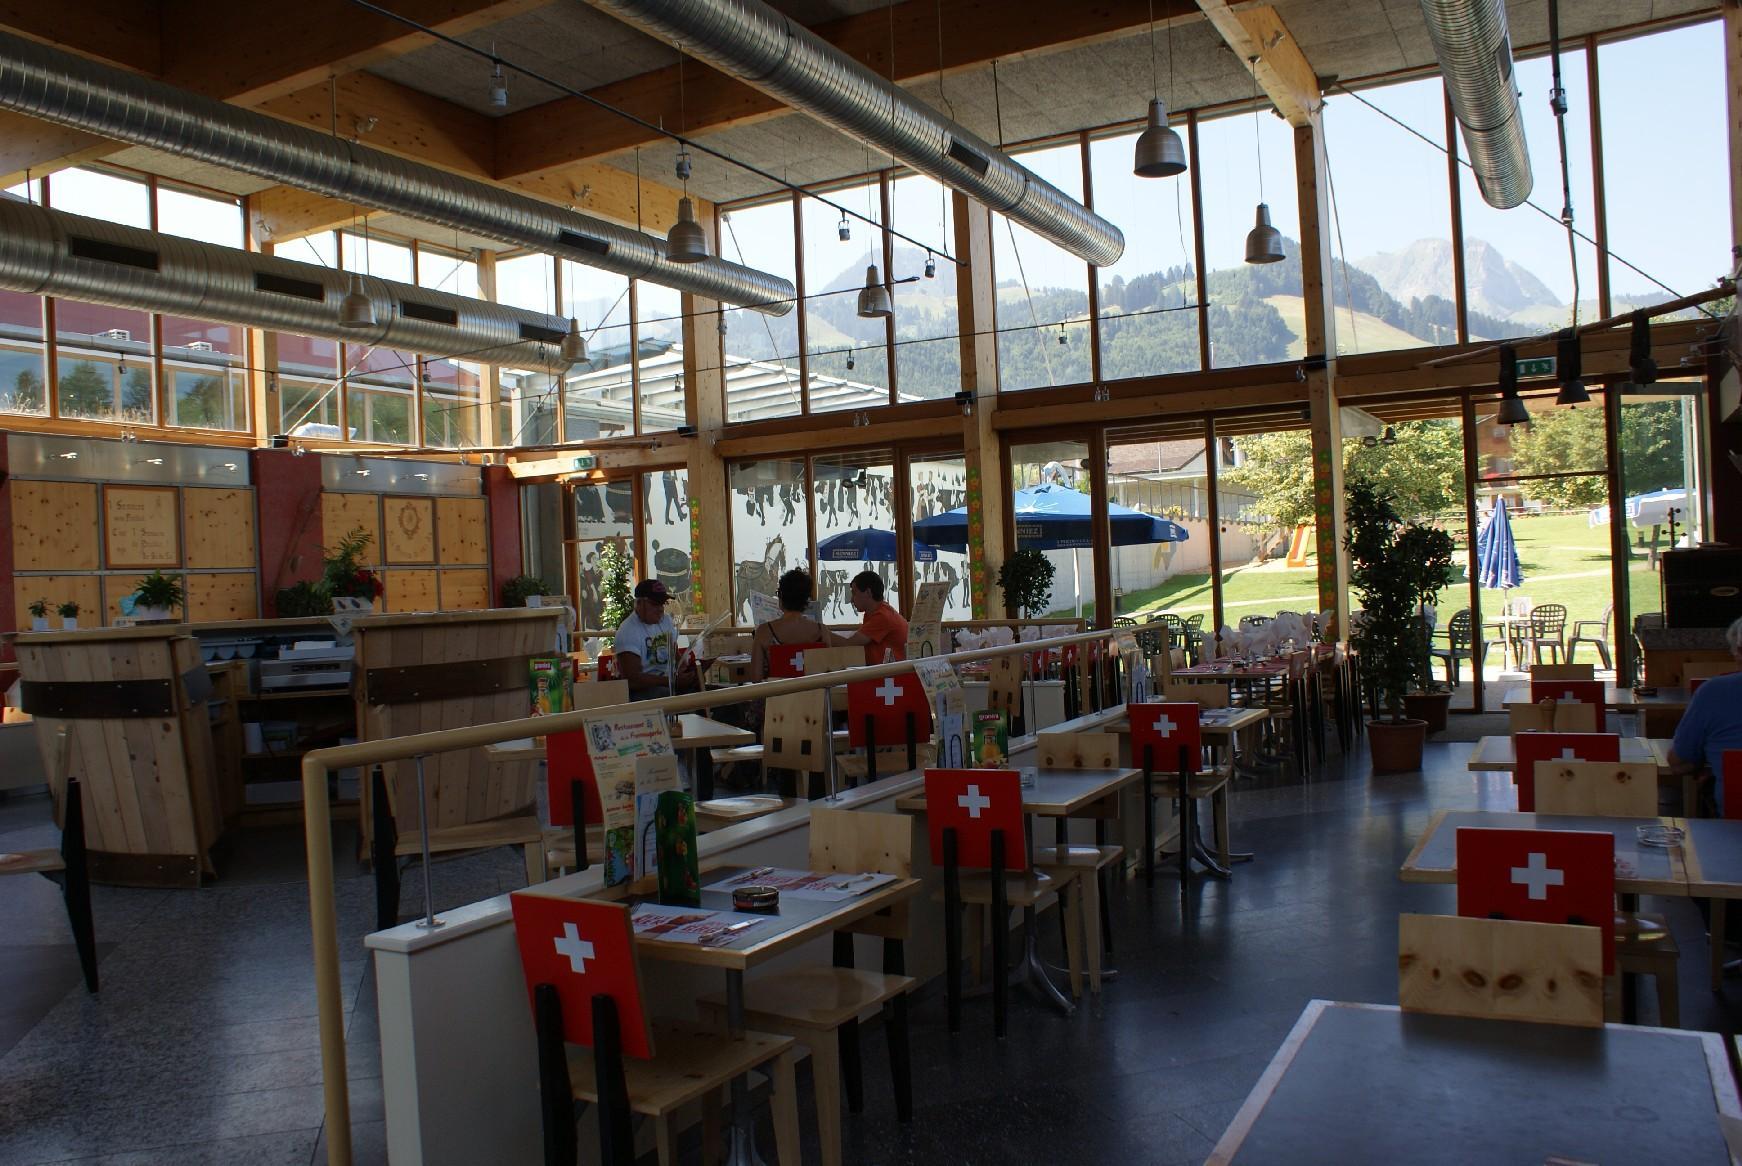 Restaurant de la maison du gruyère